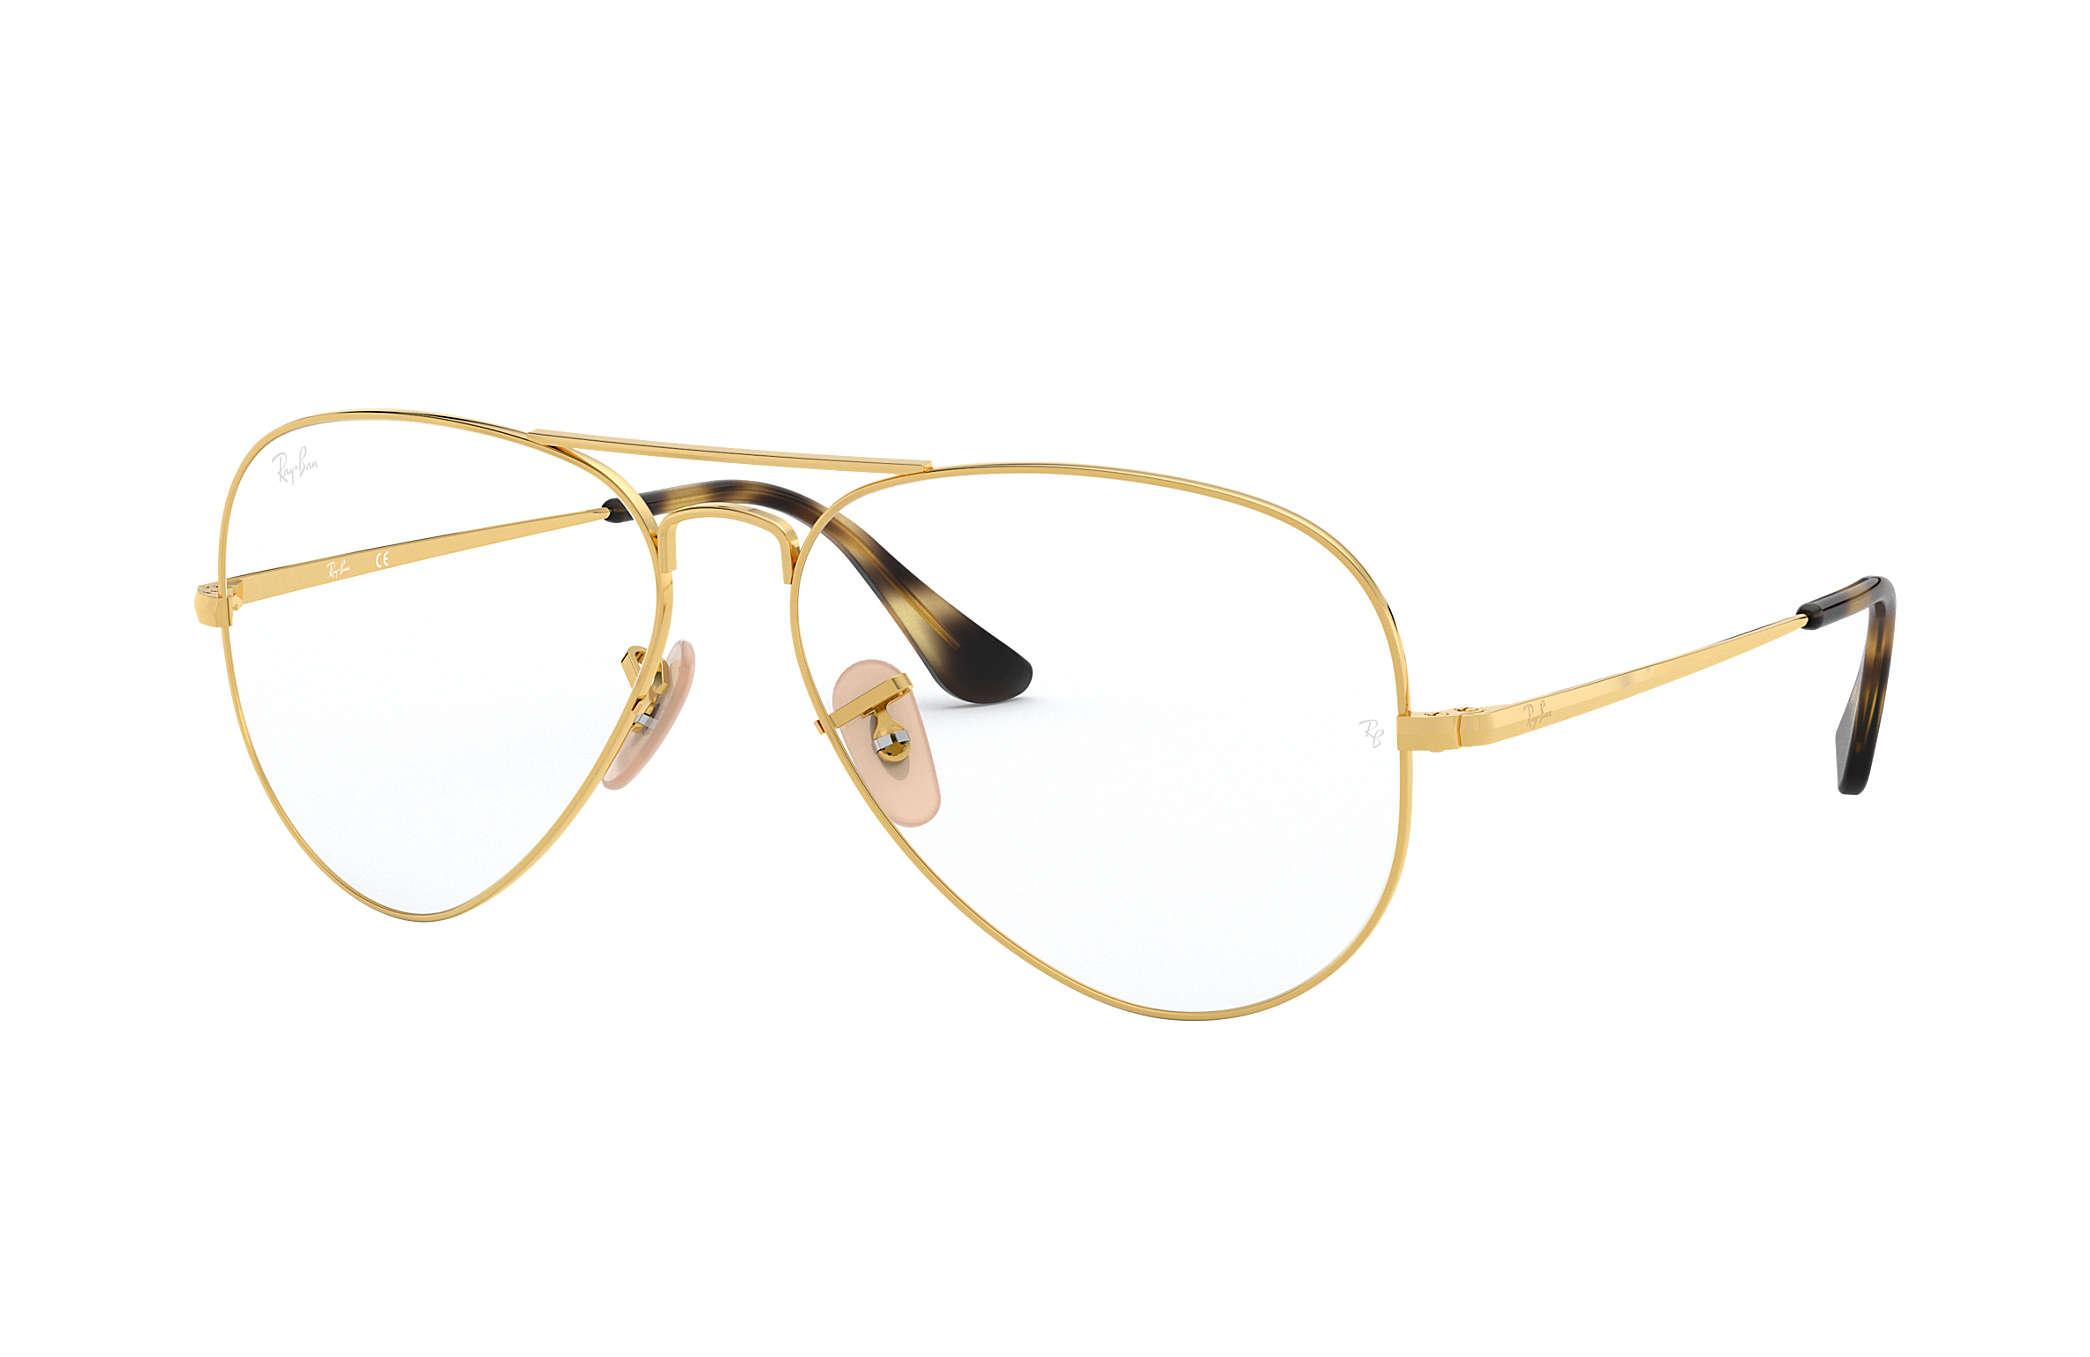 9e653d5477 Gafas de vista Ray-Ban Aviator Vista RB6489 Oro - Metal ...